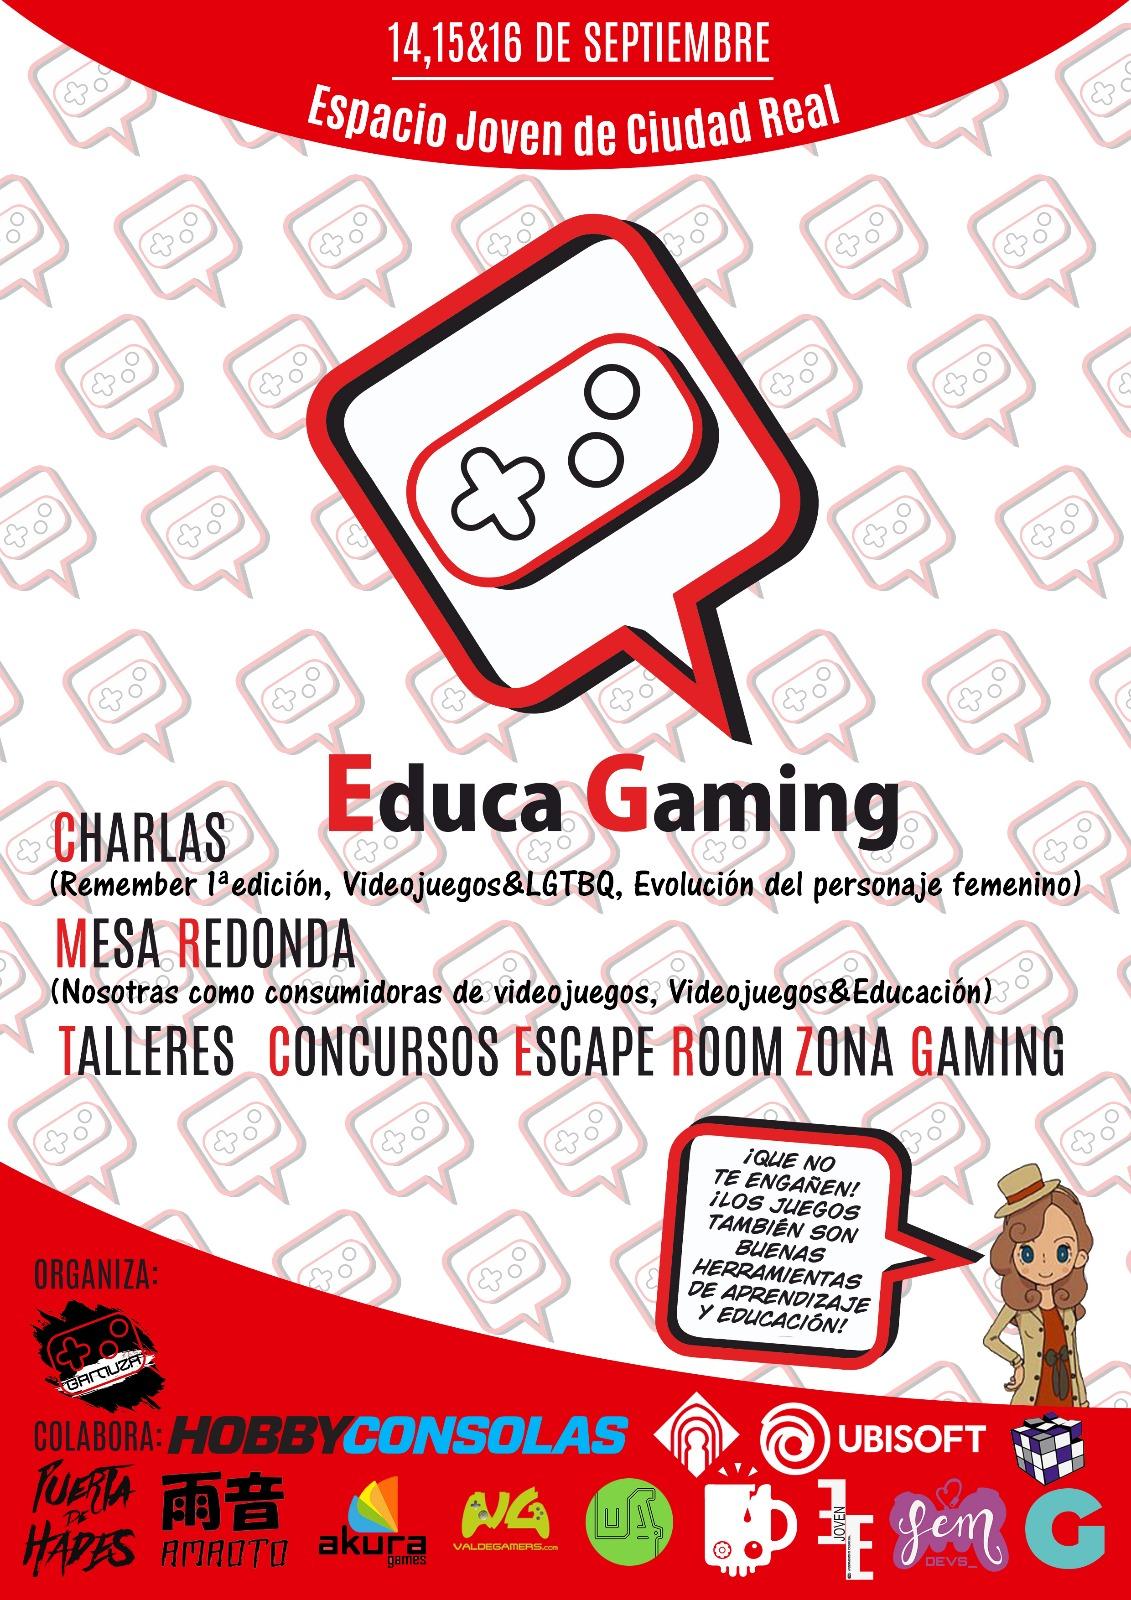 Educa Gaming 2018